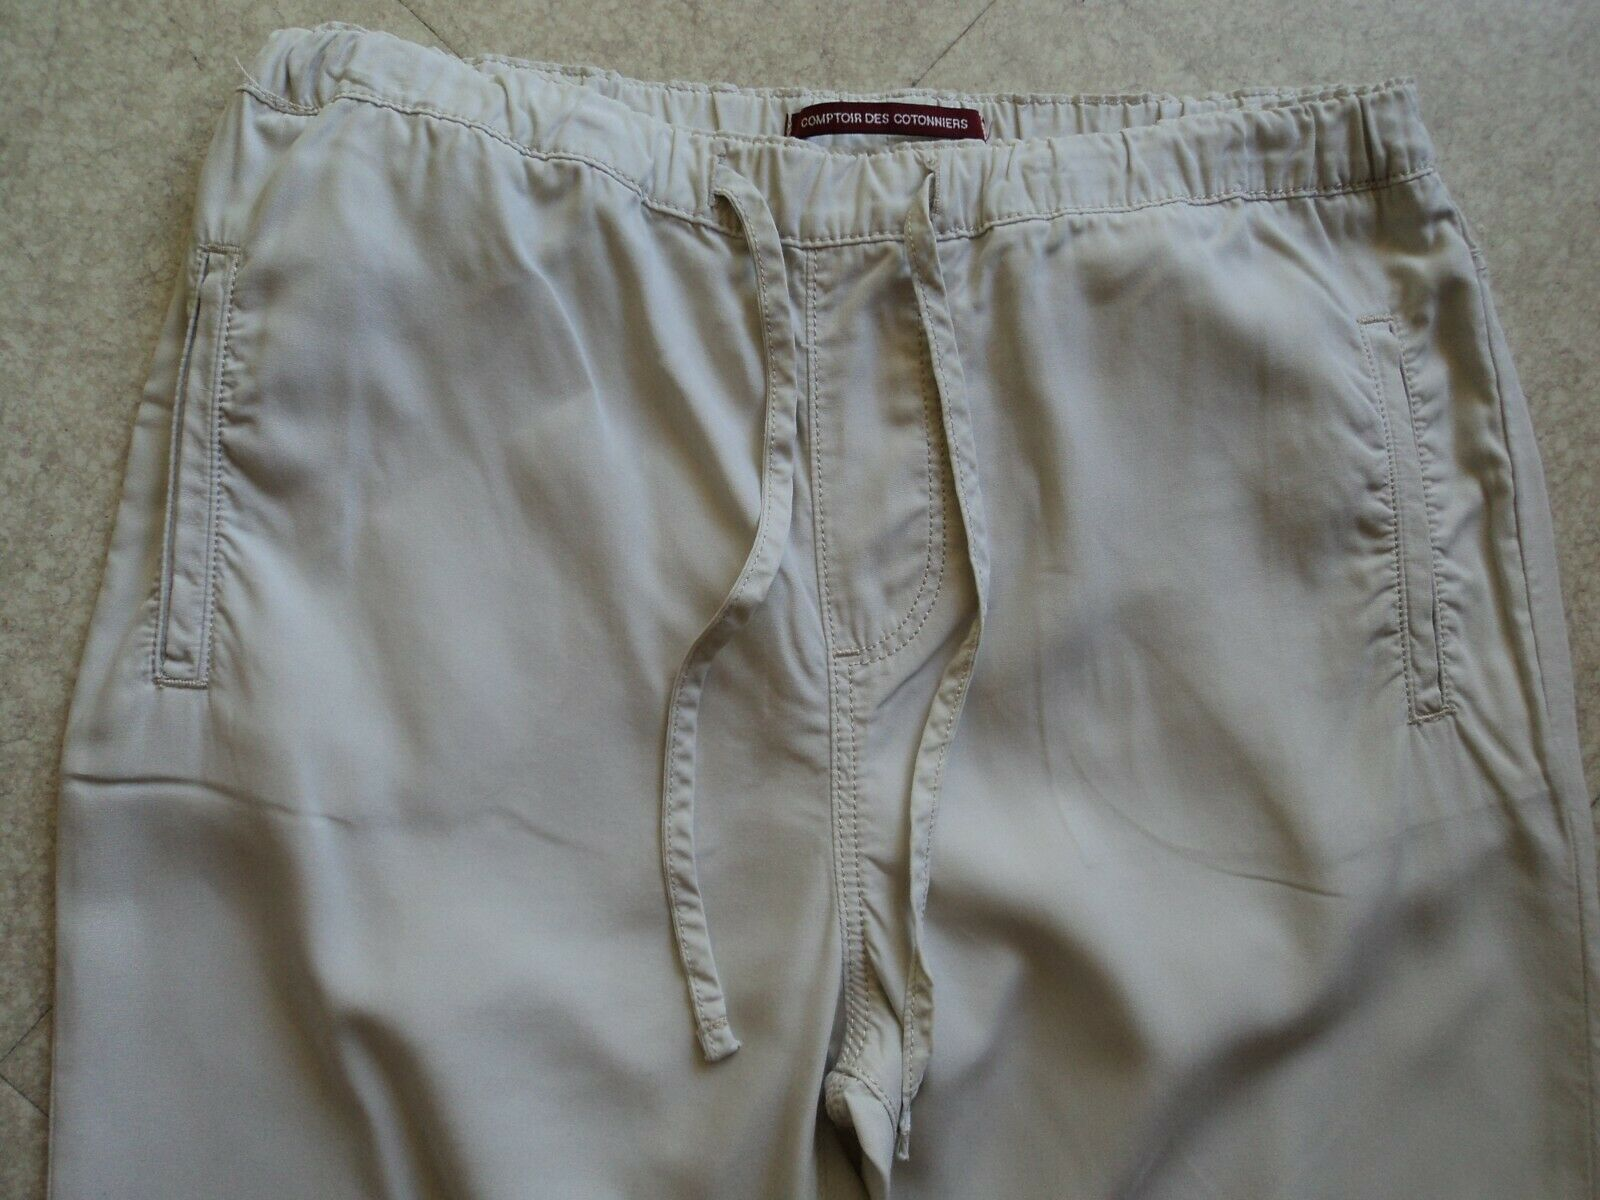 Pantalon chino  fluide comptoir des cotonniers taille 36